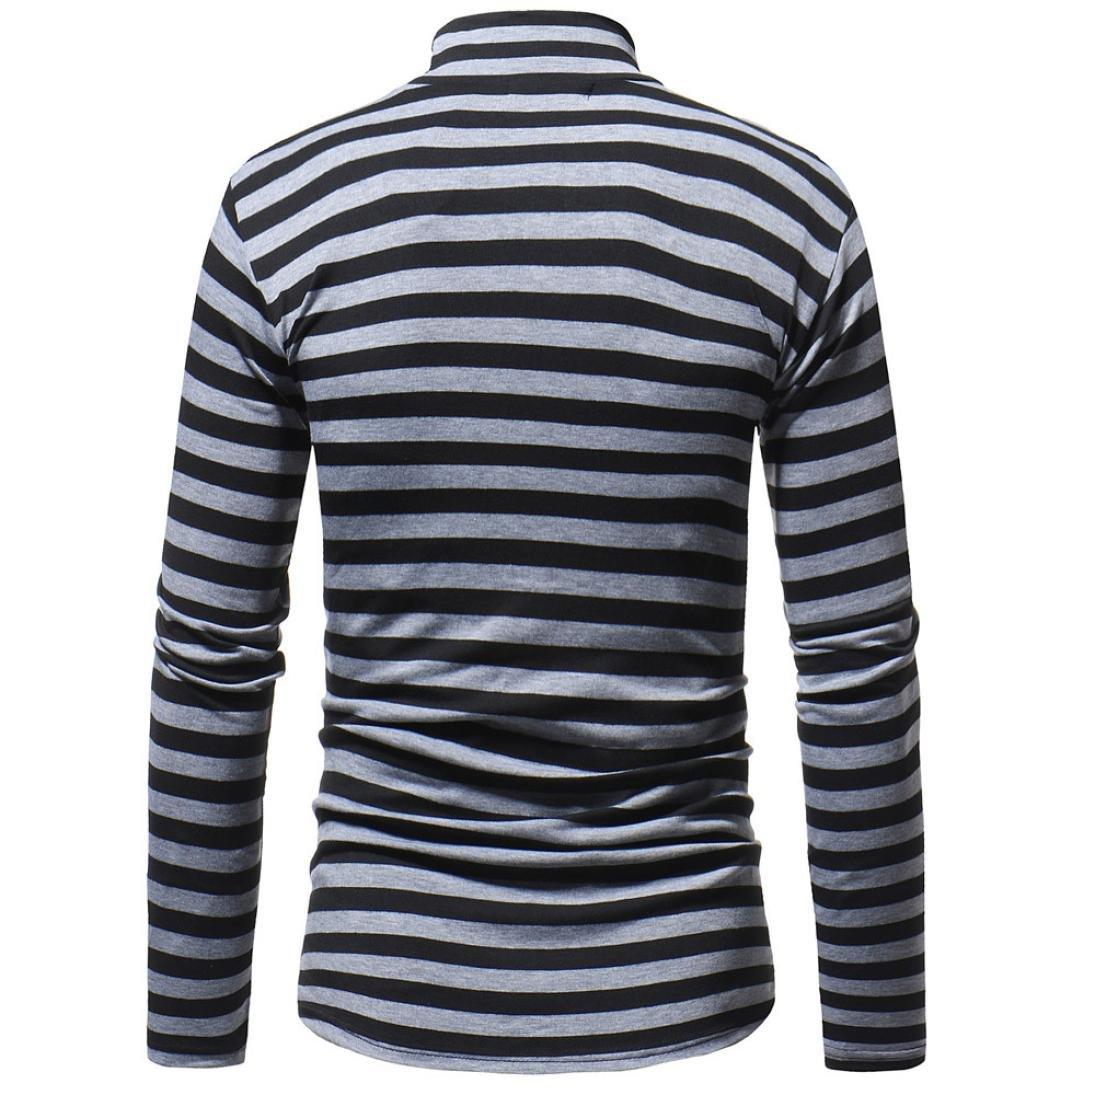 Amazon.com: GREFER - Camiseta de invierno para hombre, manga ...